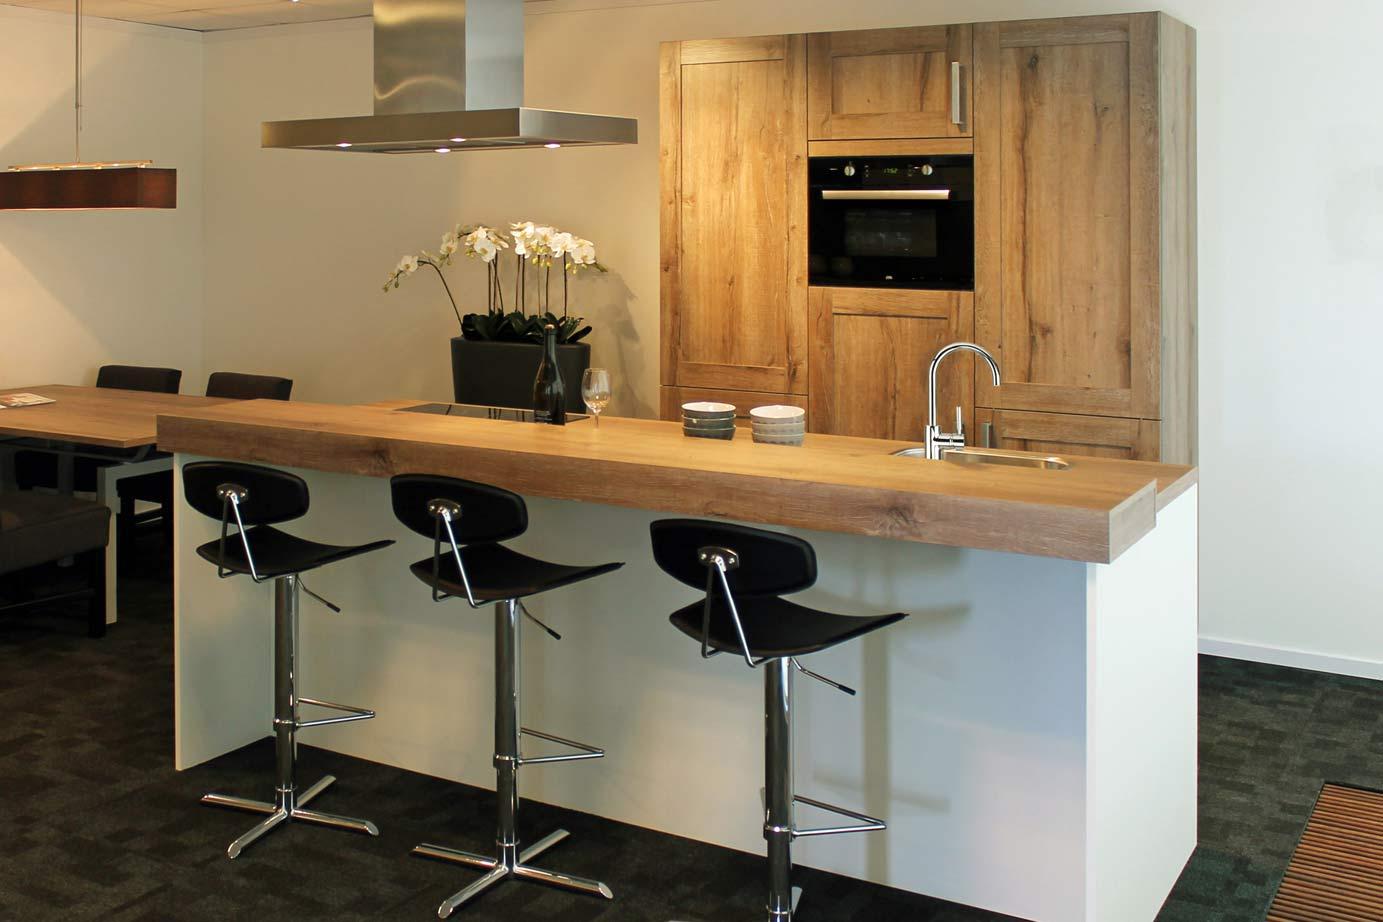 Keukens Met Kookeiland : Keuken met kookeiland Old Wood beleving DB Keukens